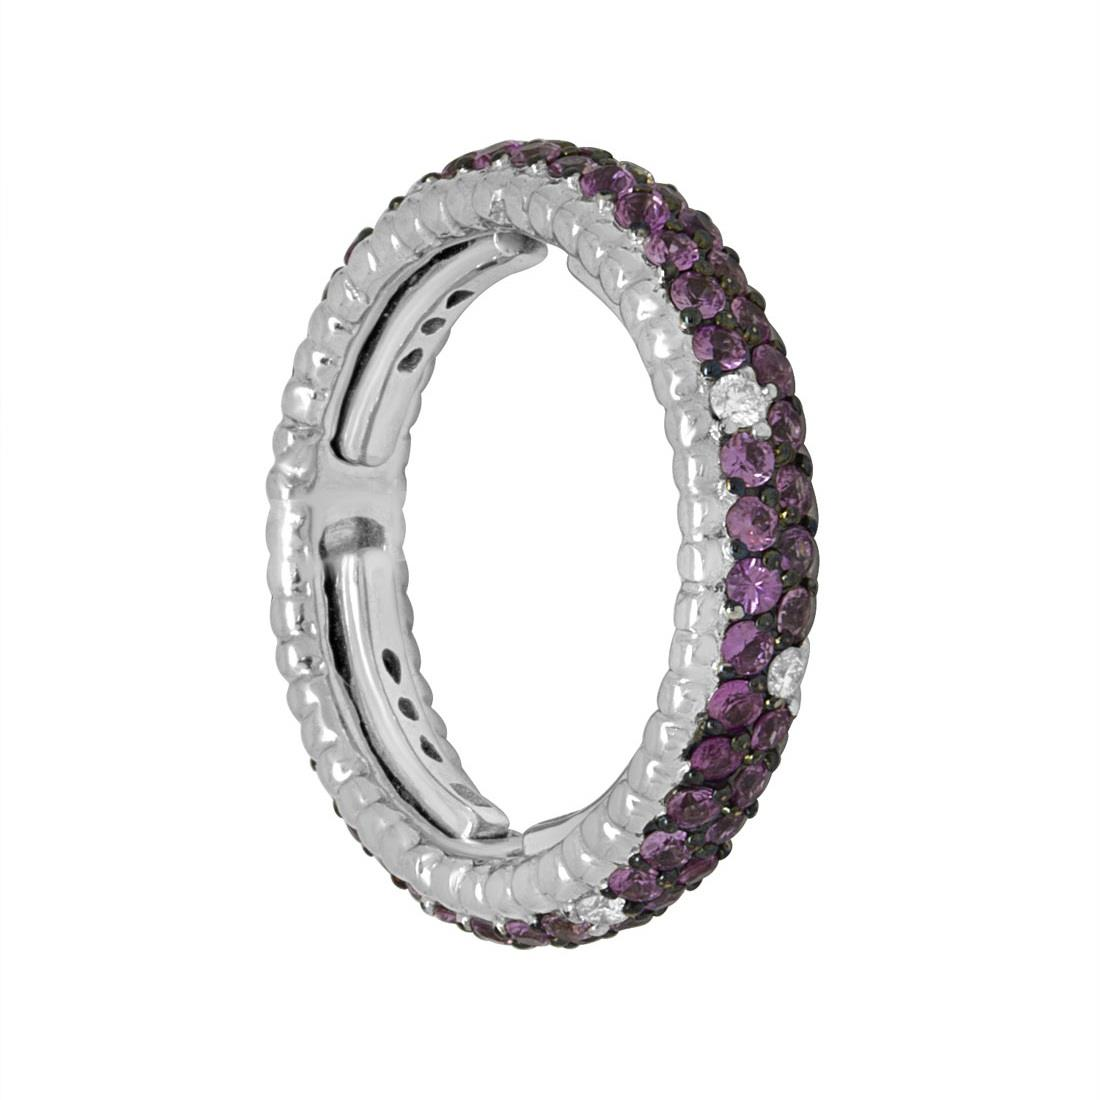 Anello eternity in oro bianco con diamanti e zaffiri viola - ALFIERI ST JOHN